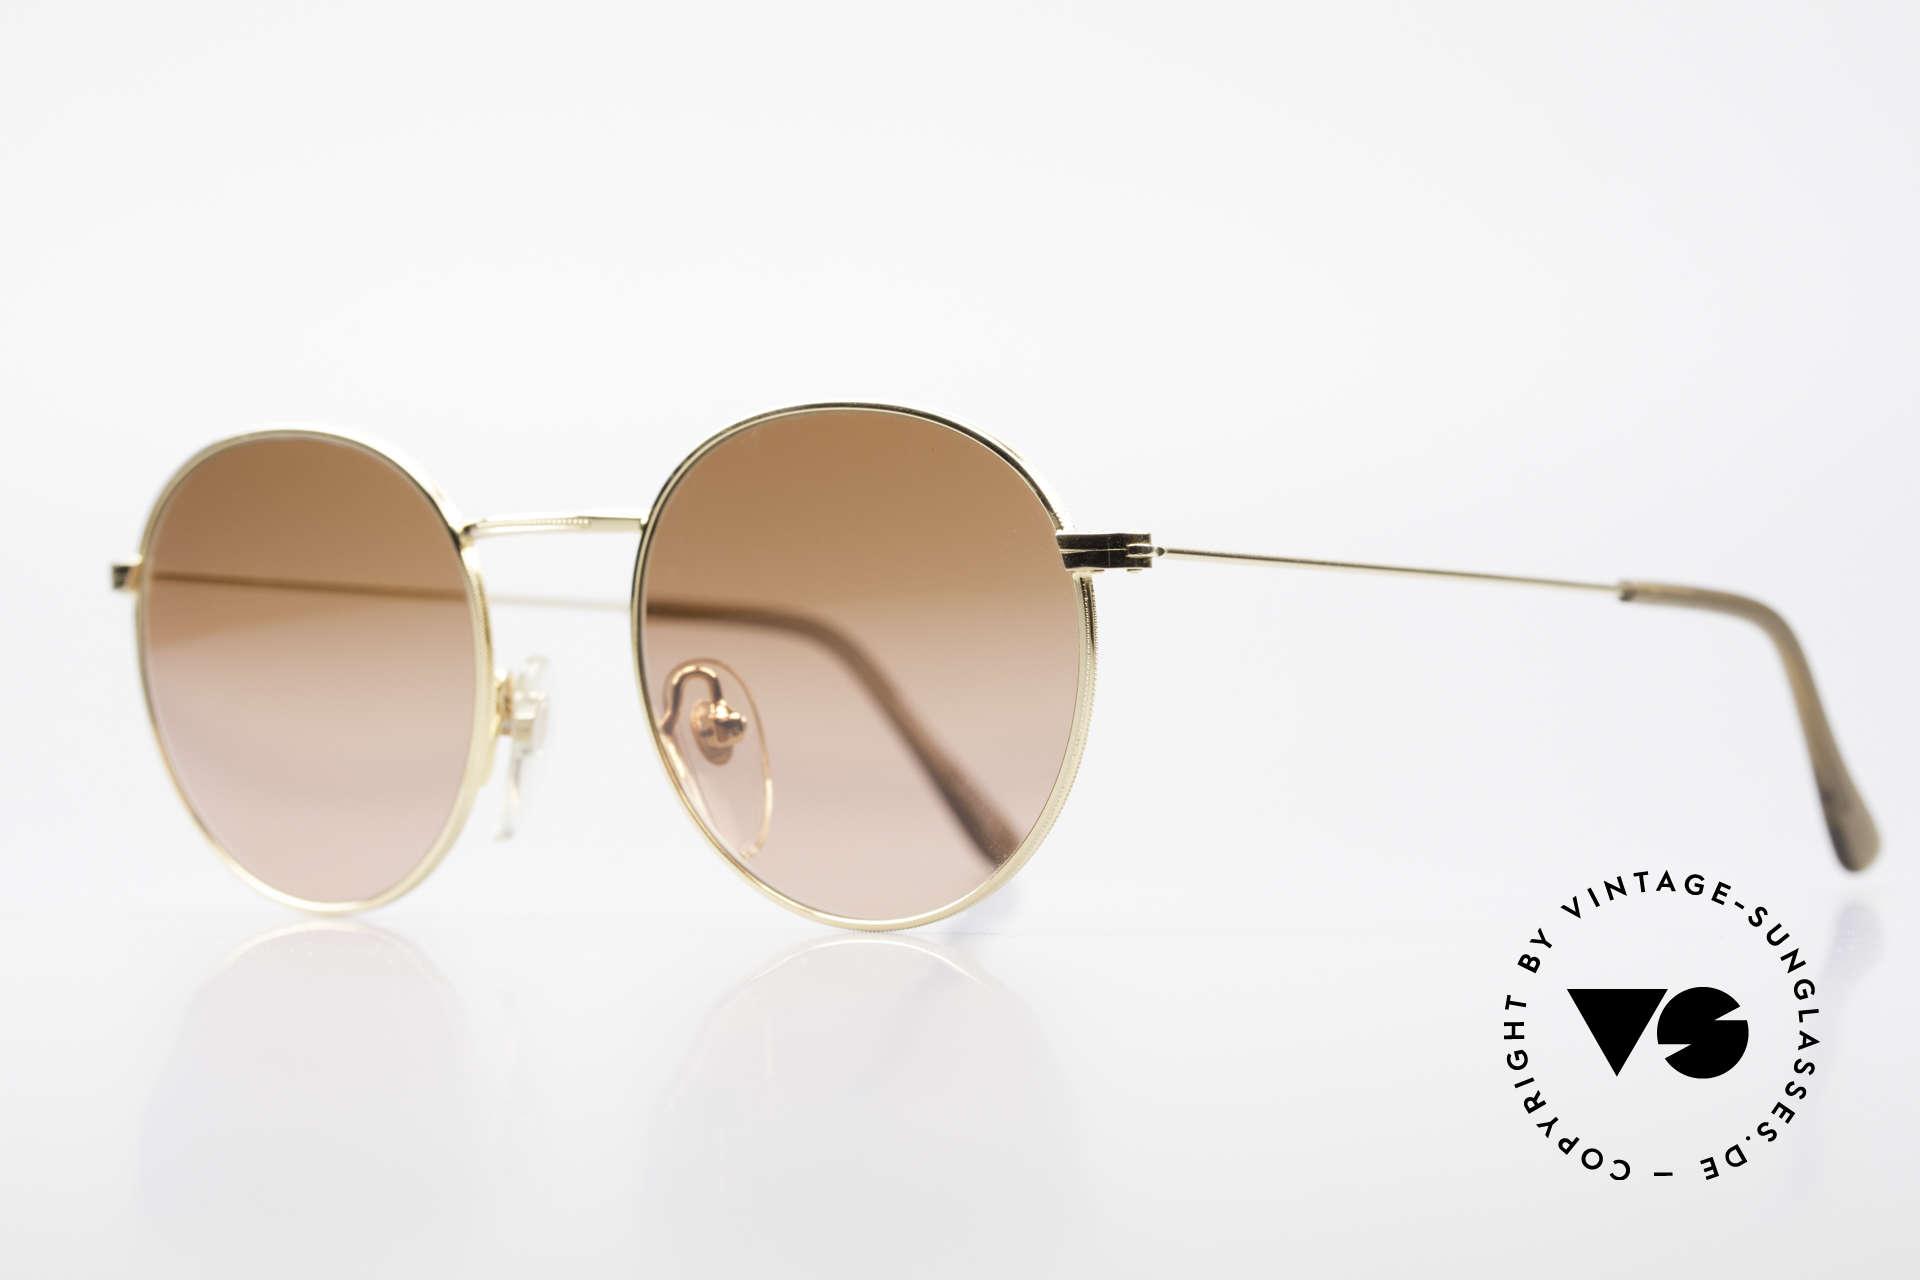 Serengeti Drivers 5346 Runde Autofahrer Brille, leicht verspiegelte Kontrastgläser (zweifacher Verlauf), Passend für Herren